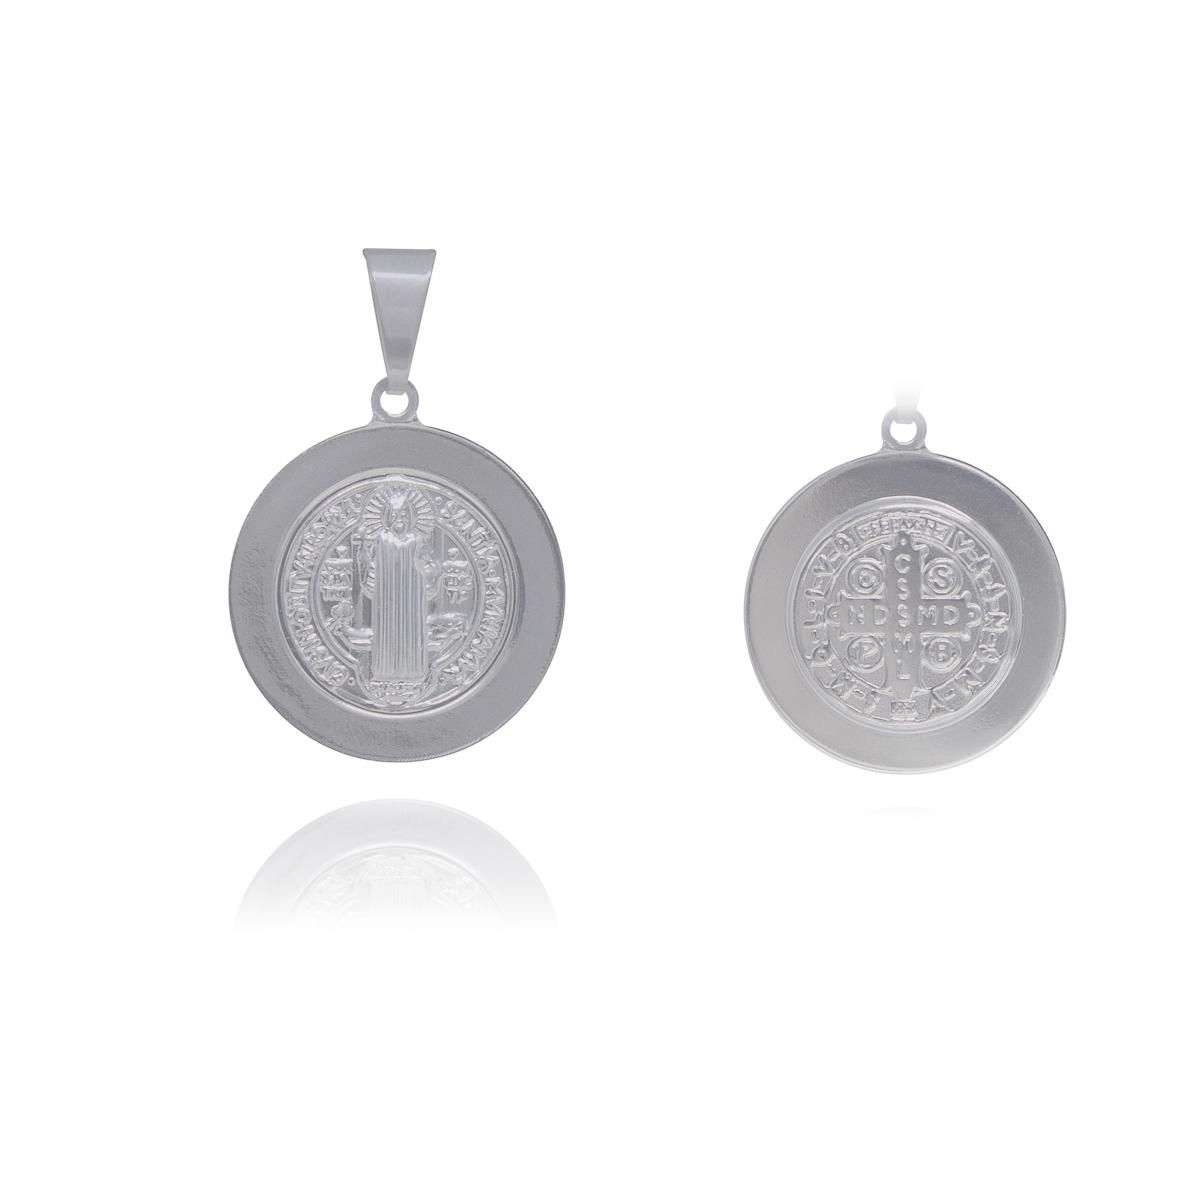 Medalha São Bento aço inox não escurece e hipoalergênico